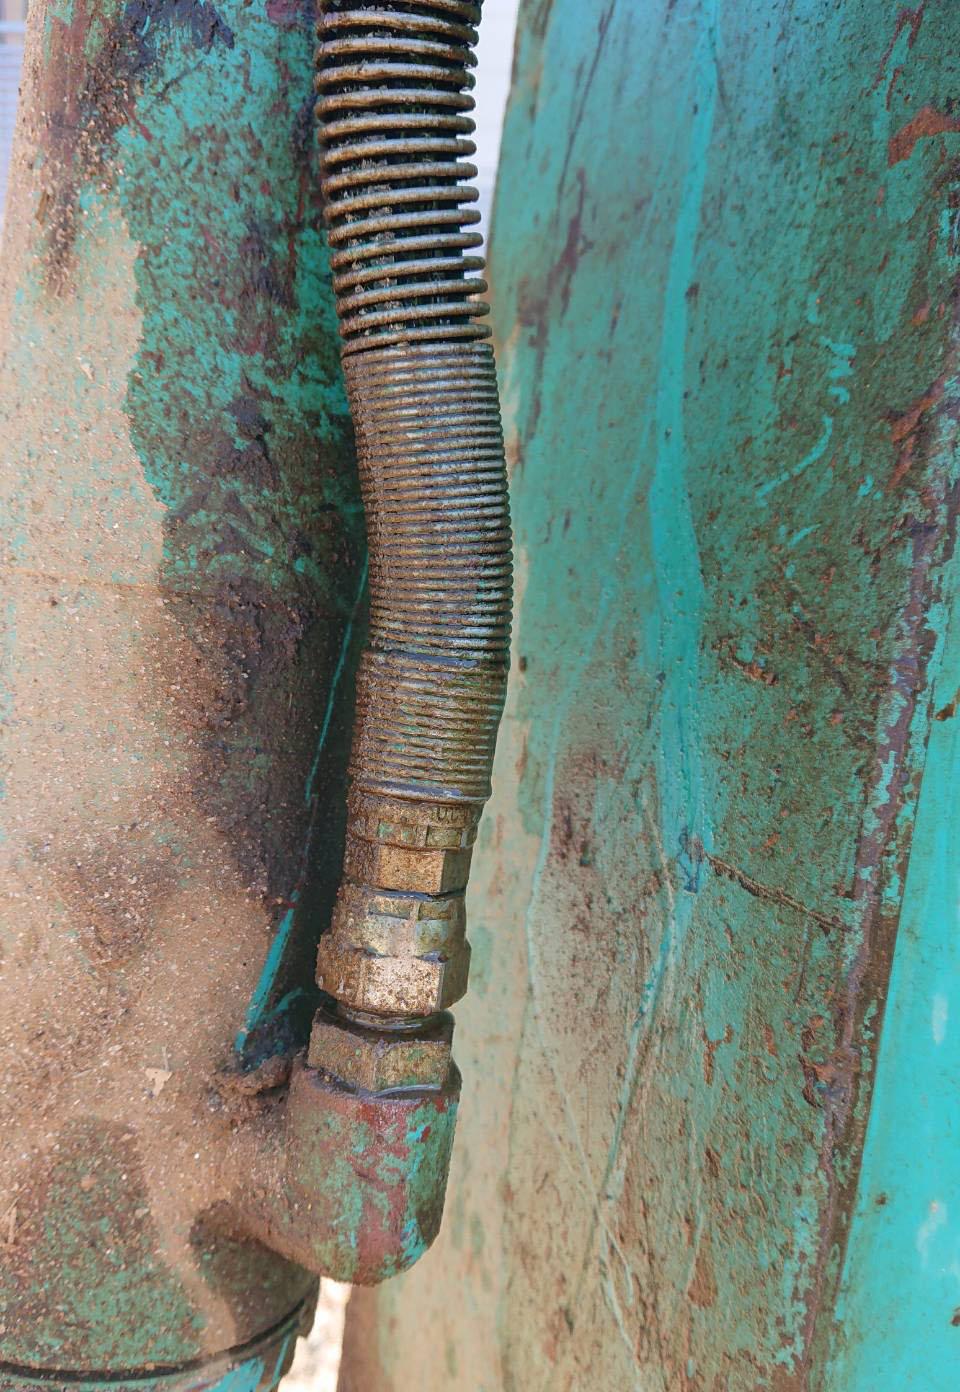 コベルコSK135SR-1_修理前_サビと劣化の様子